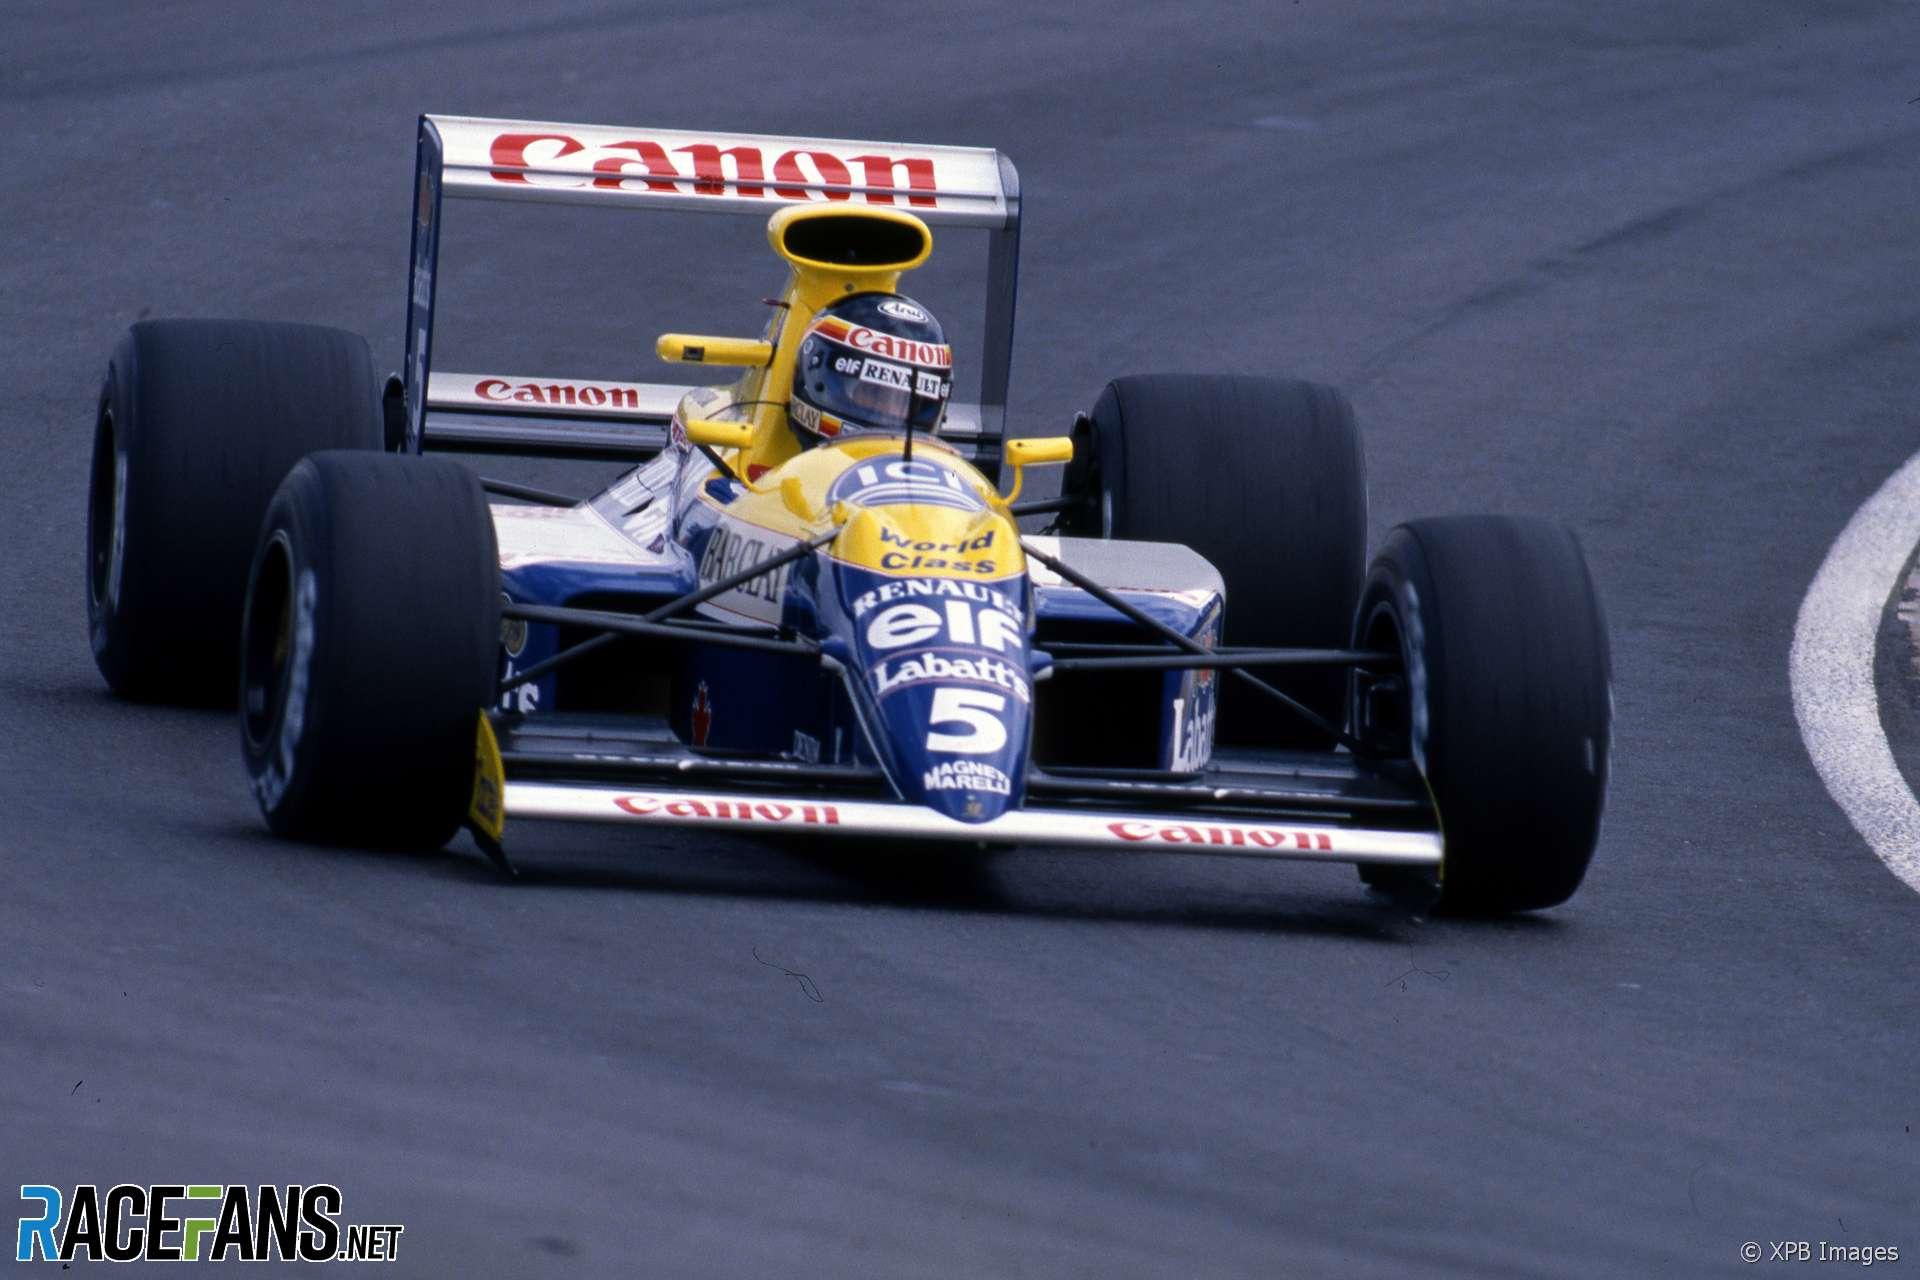 Thierry Boutsen, Williams, Interlagos, 1990